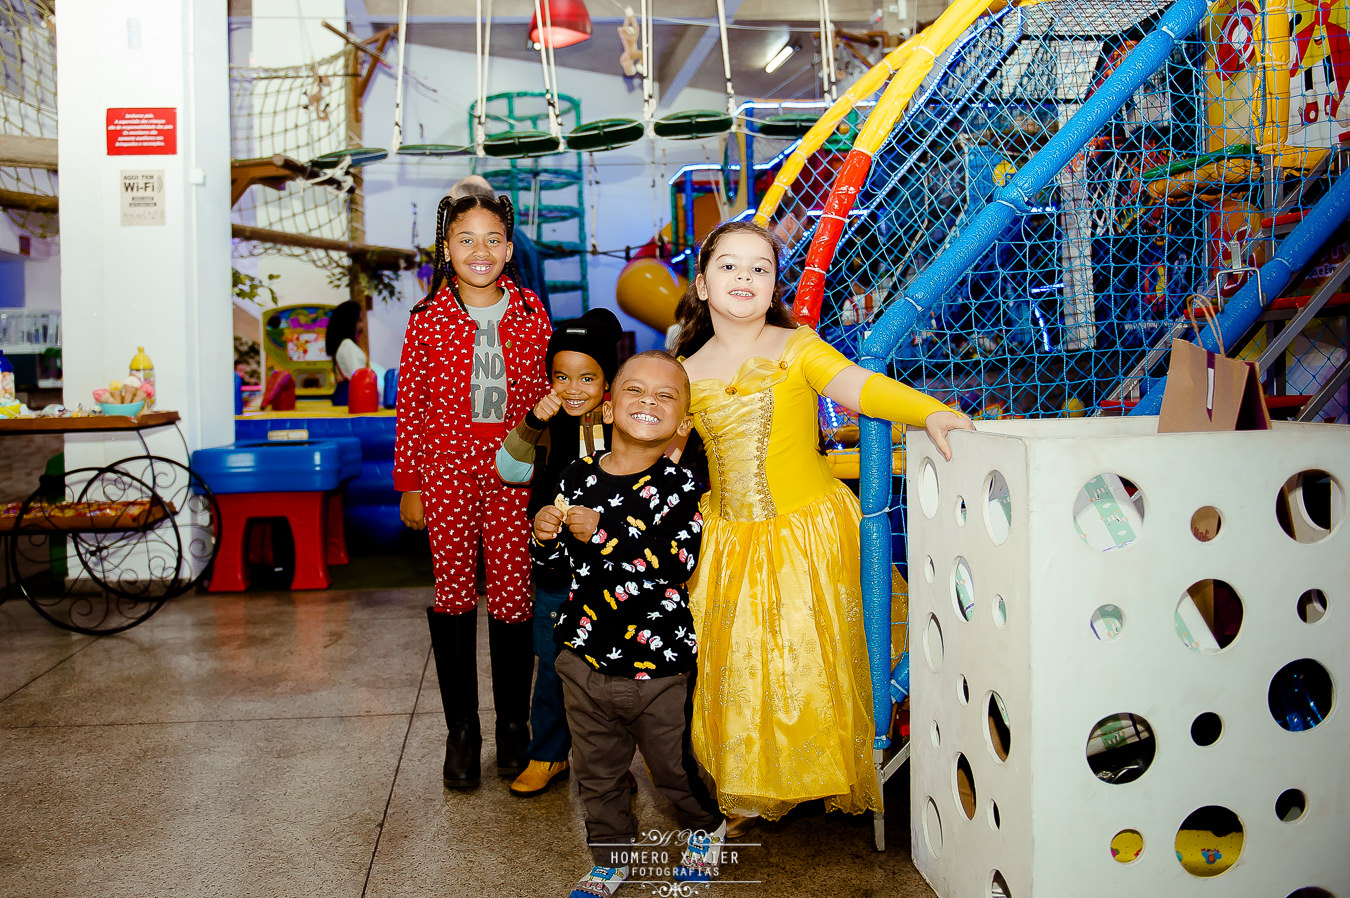 festa infantil Dia de Festa Buffet em bh